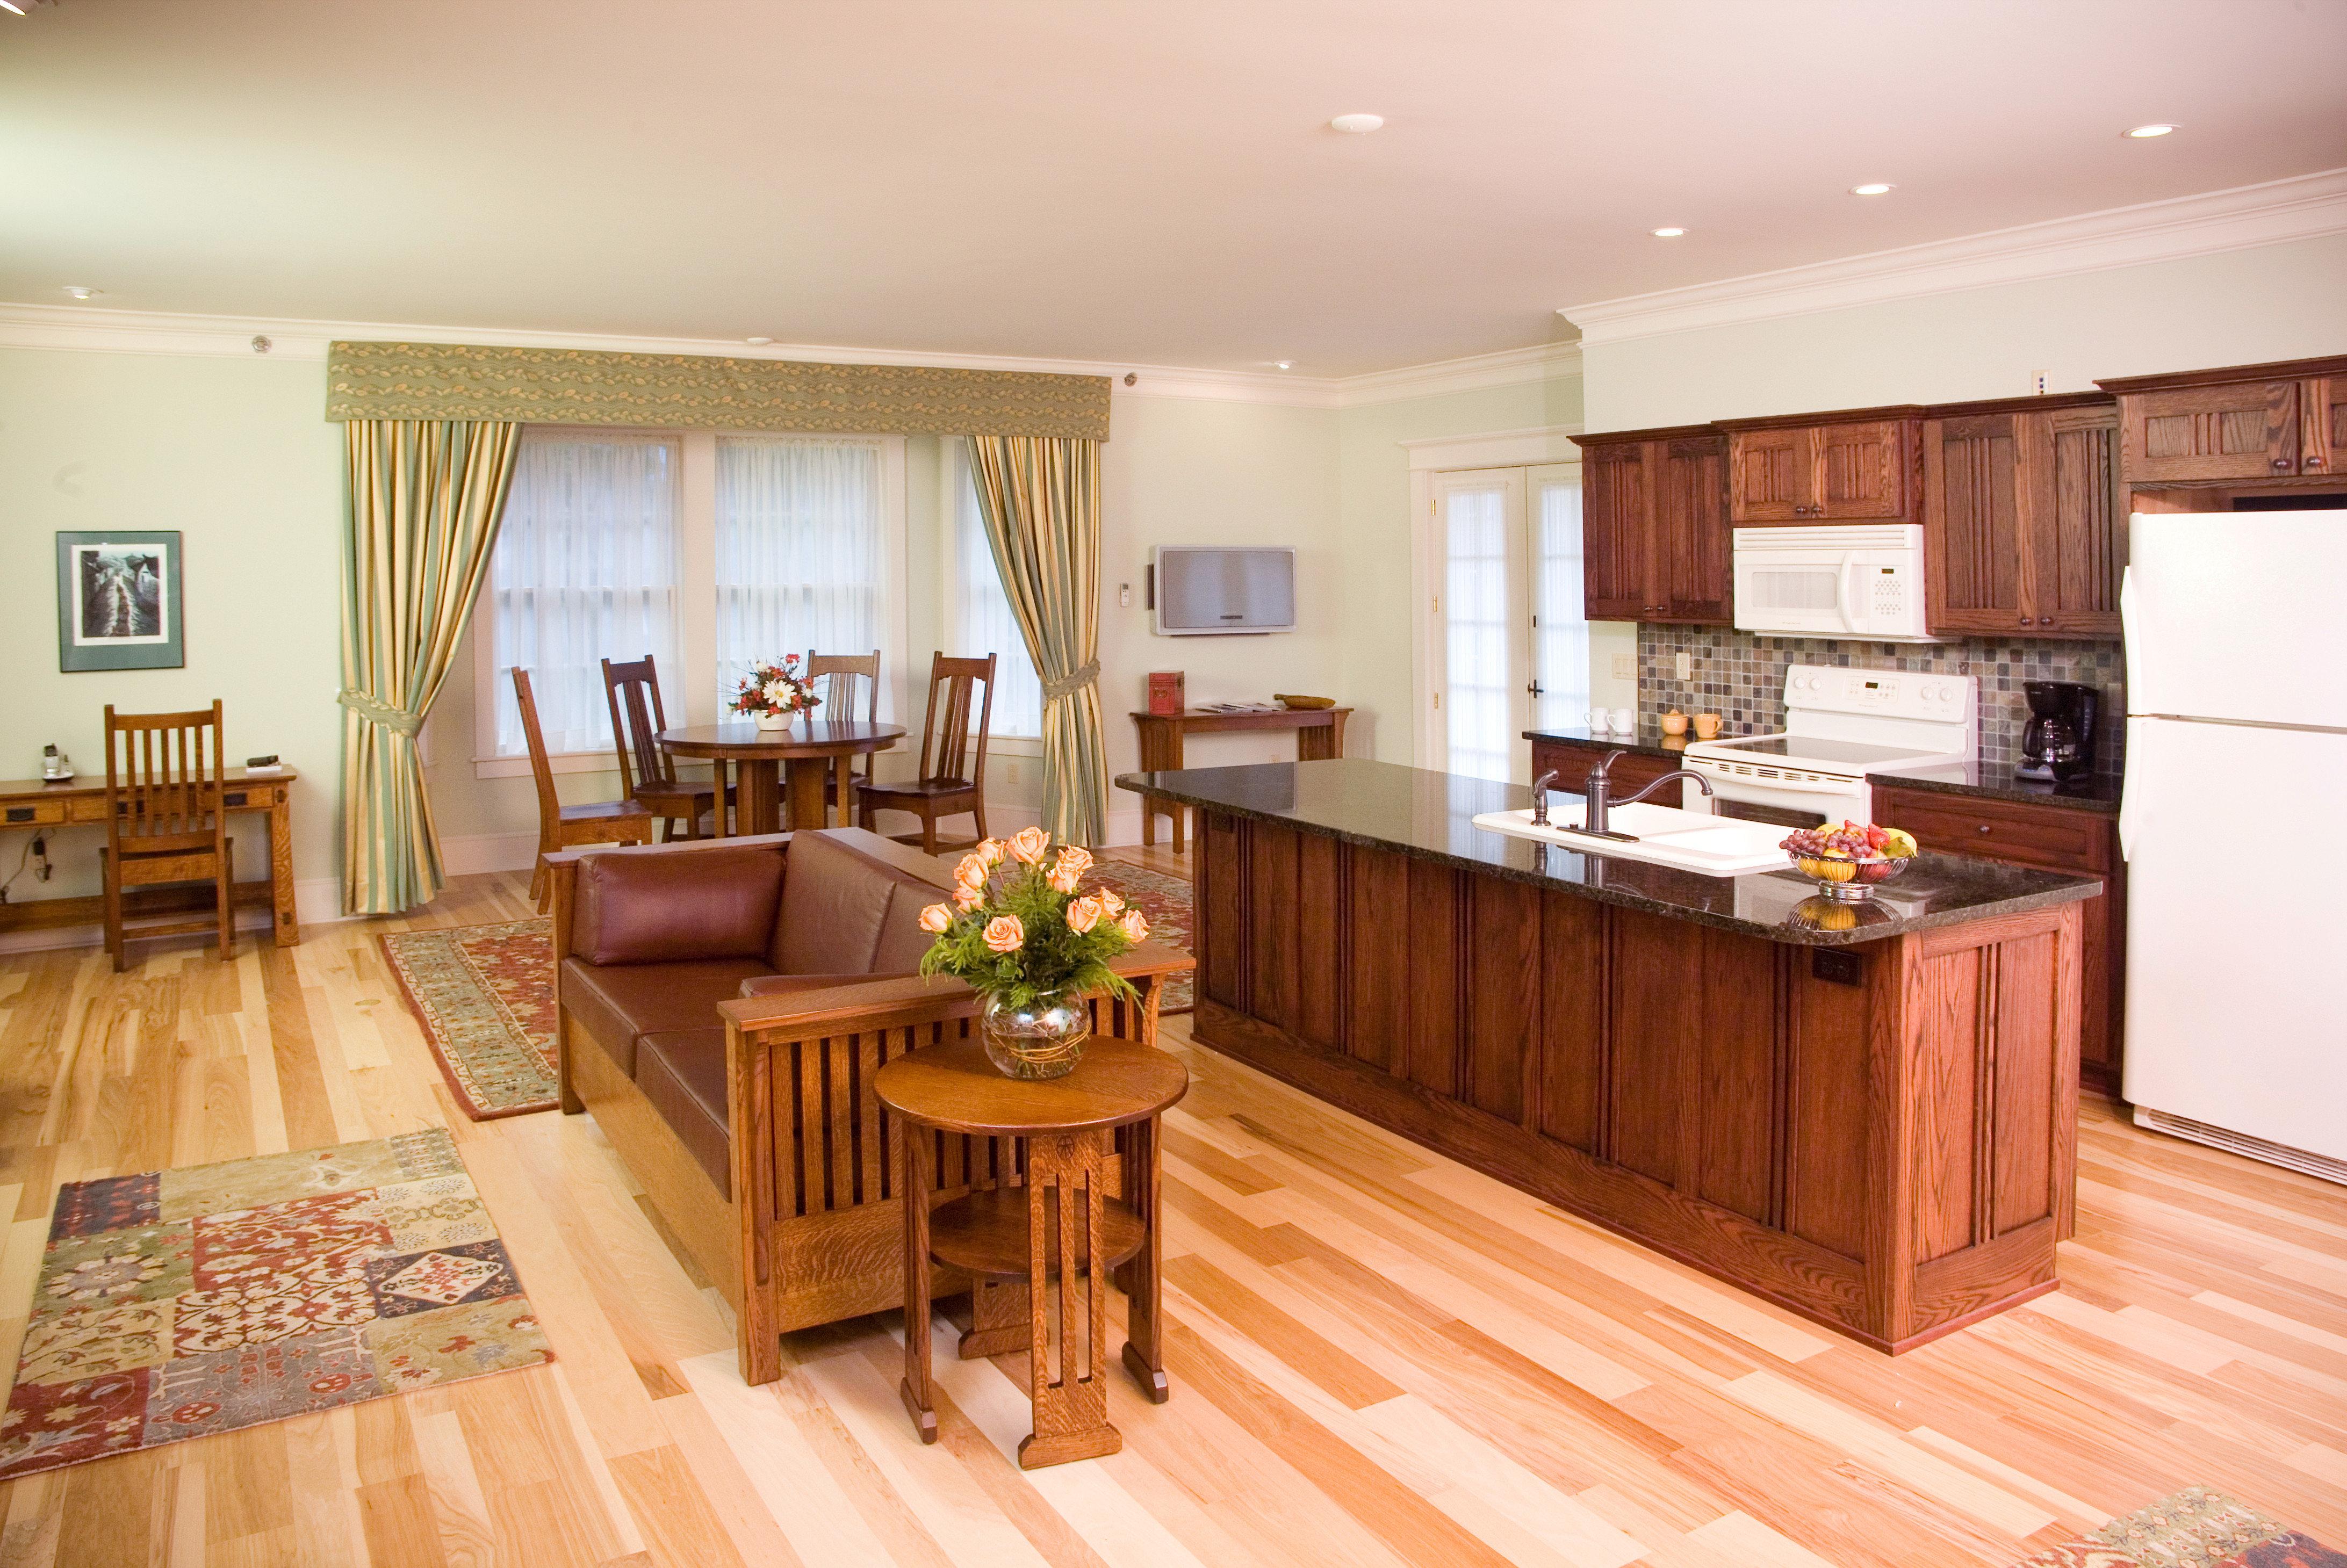 Dining Eat Family Kitchen property hard hardwood home cottage wood flooring Suite living room rug